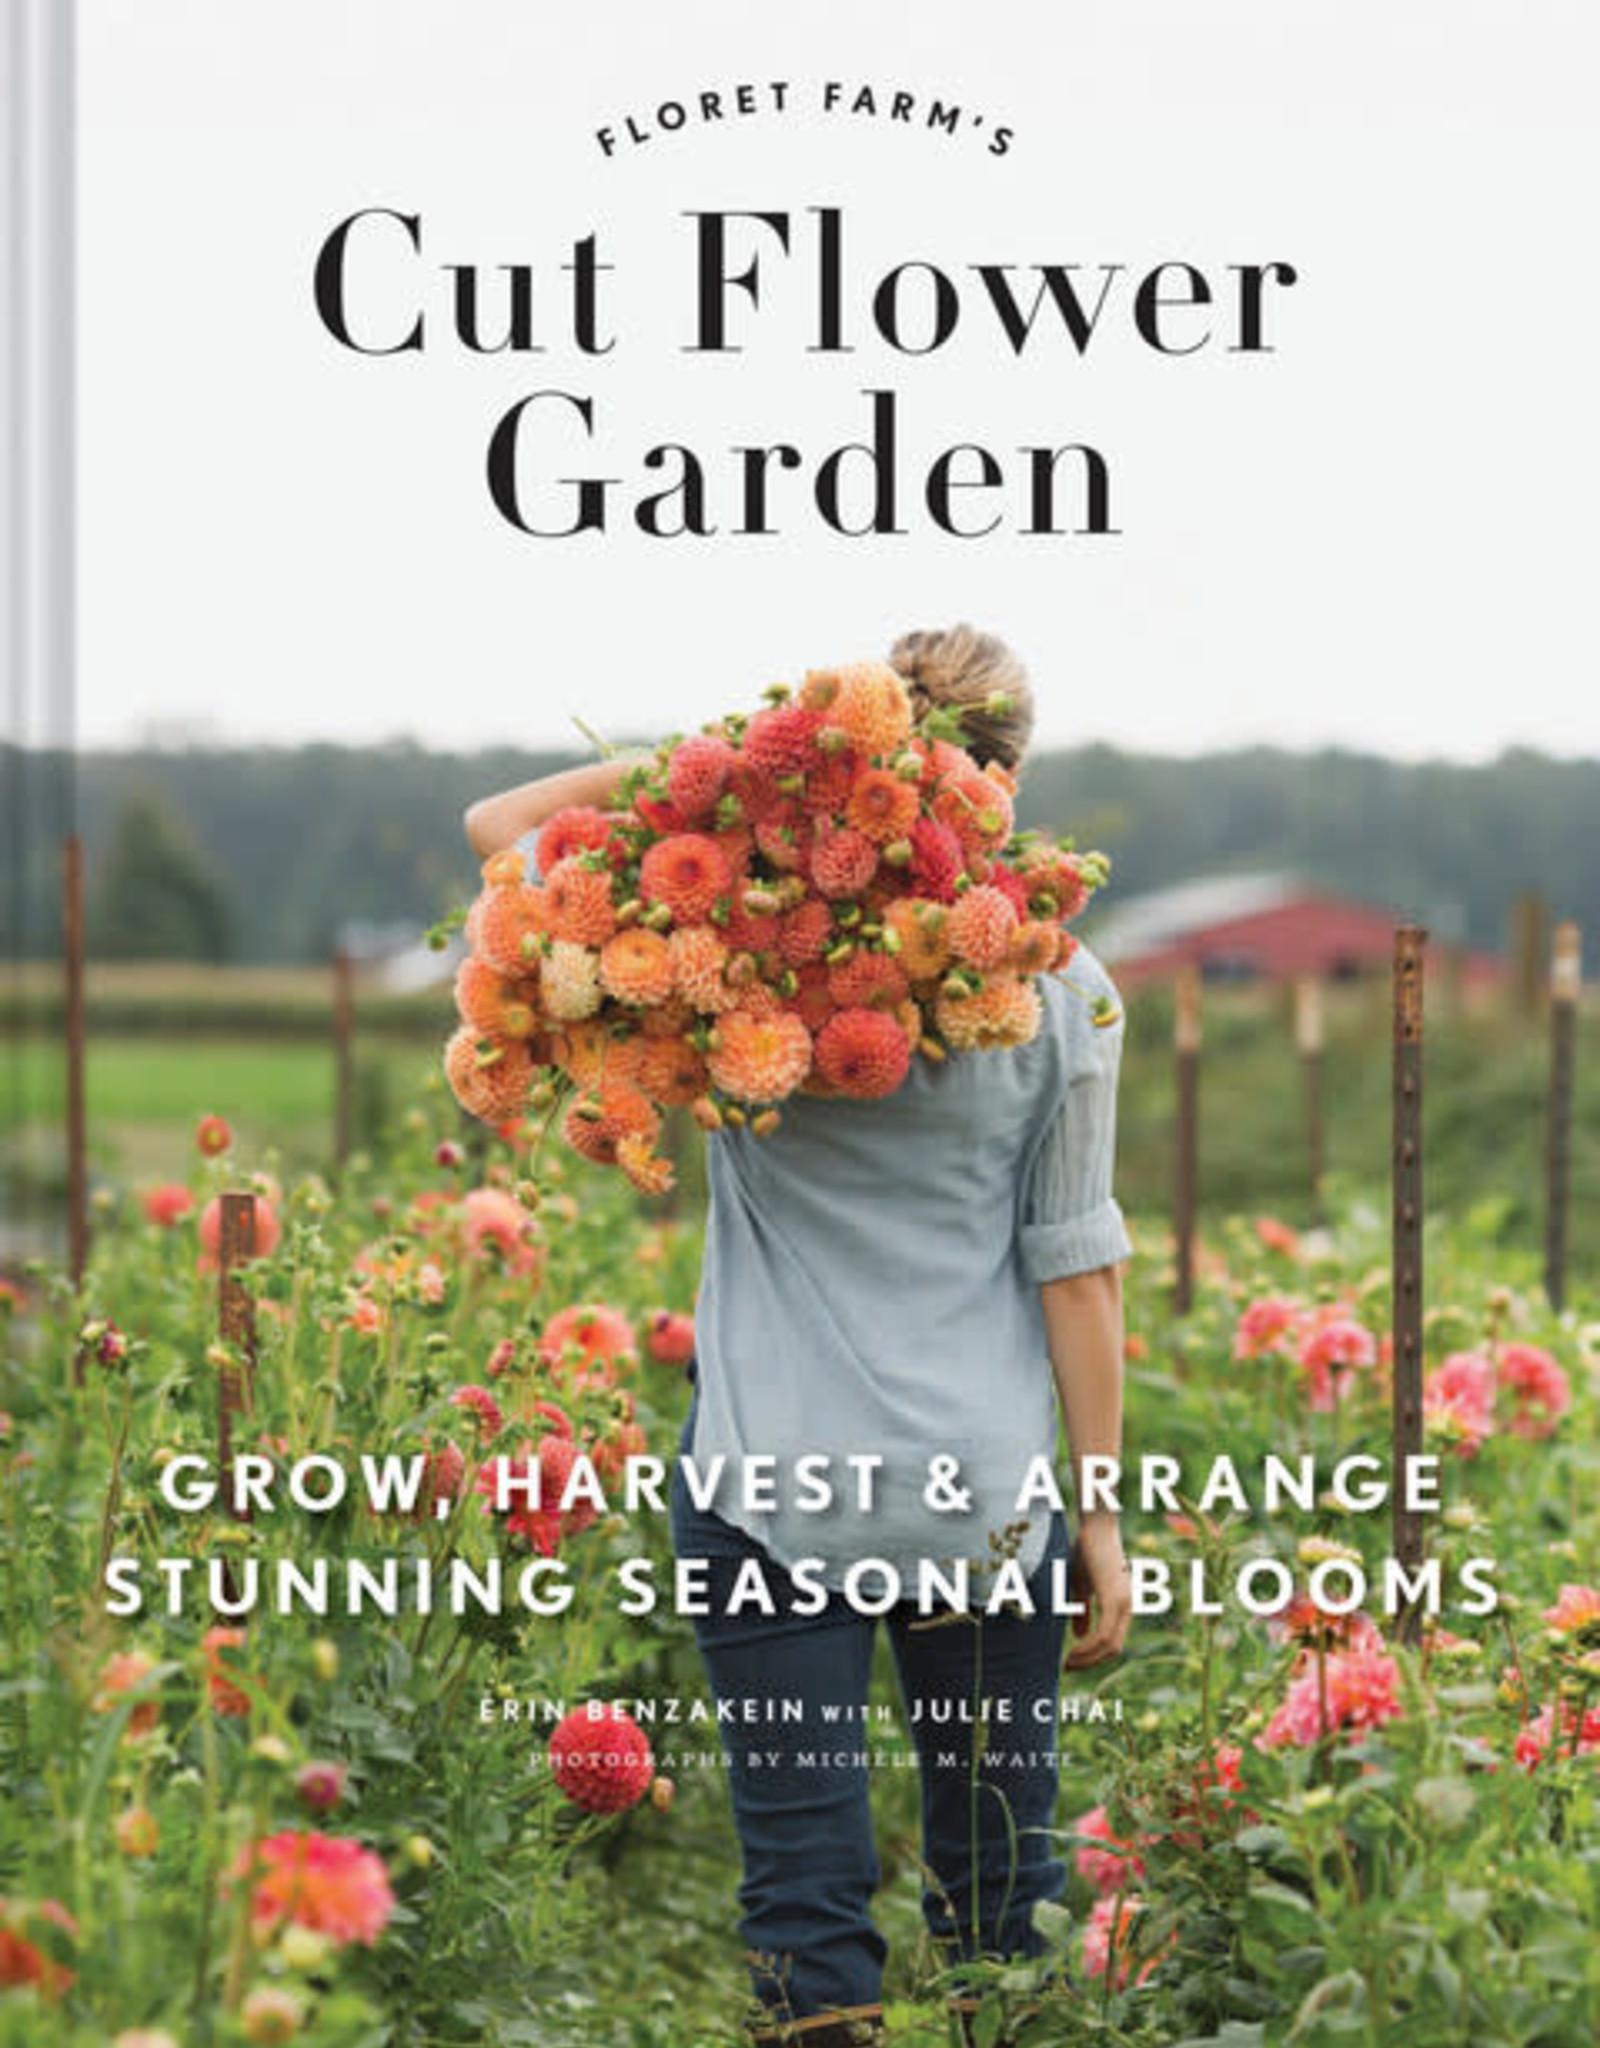 Cut Flower Garden, Erin Benzakein and Julie Chai